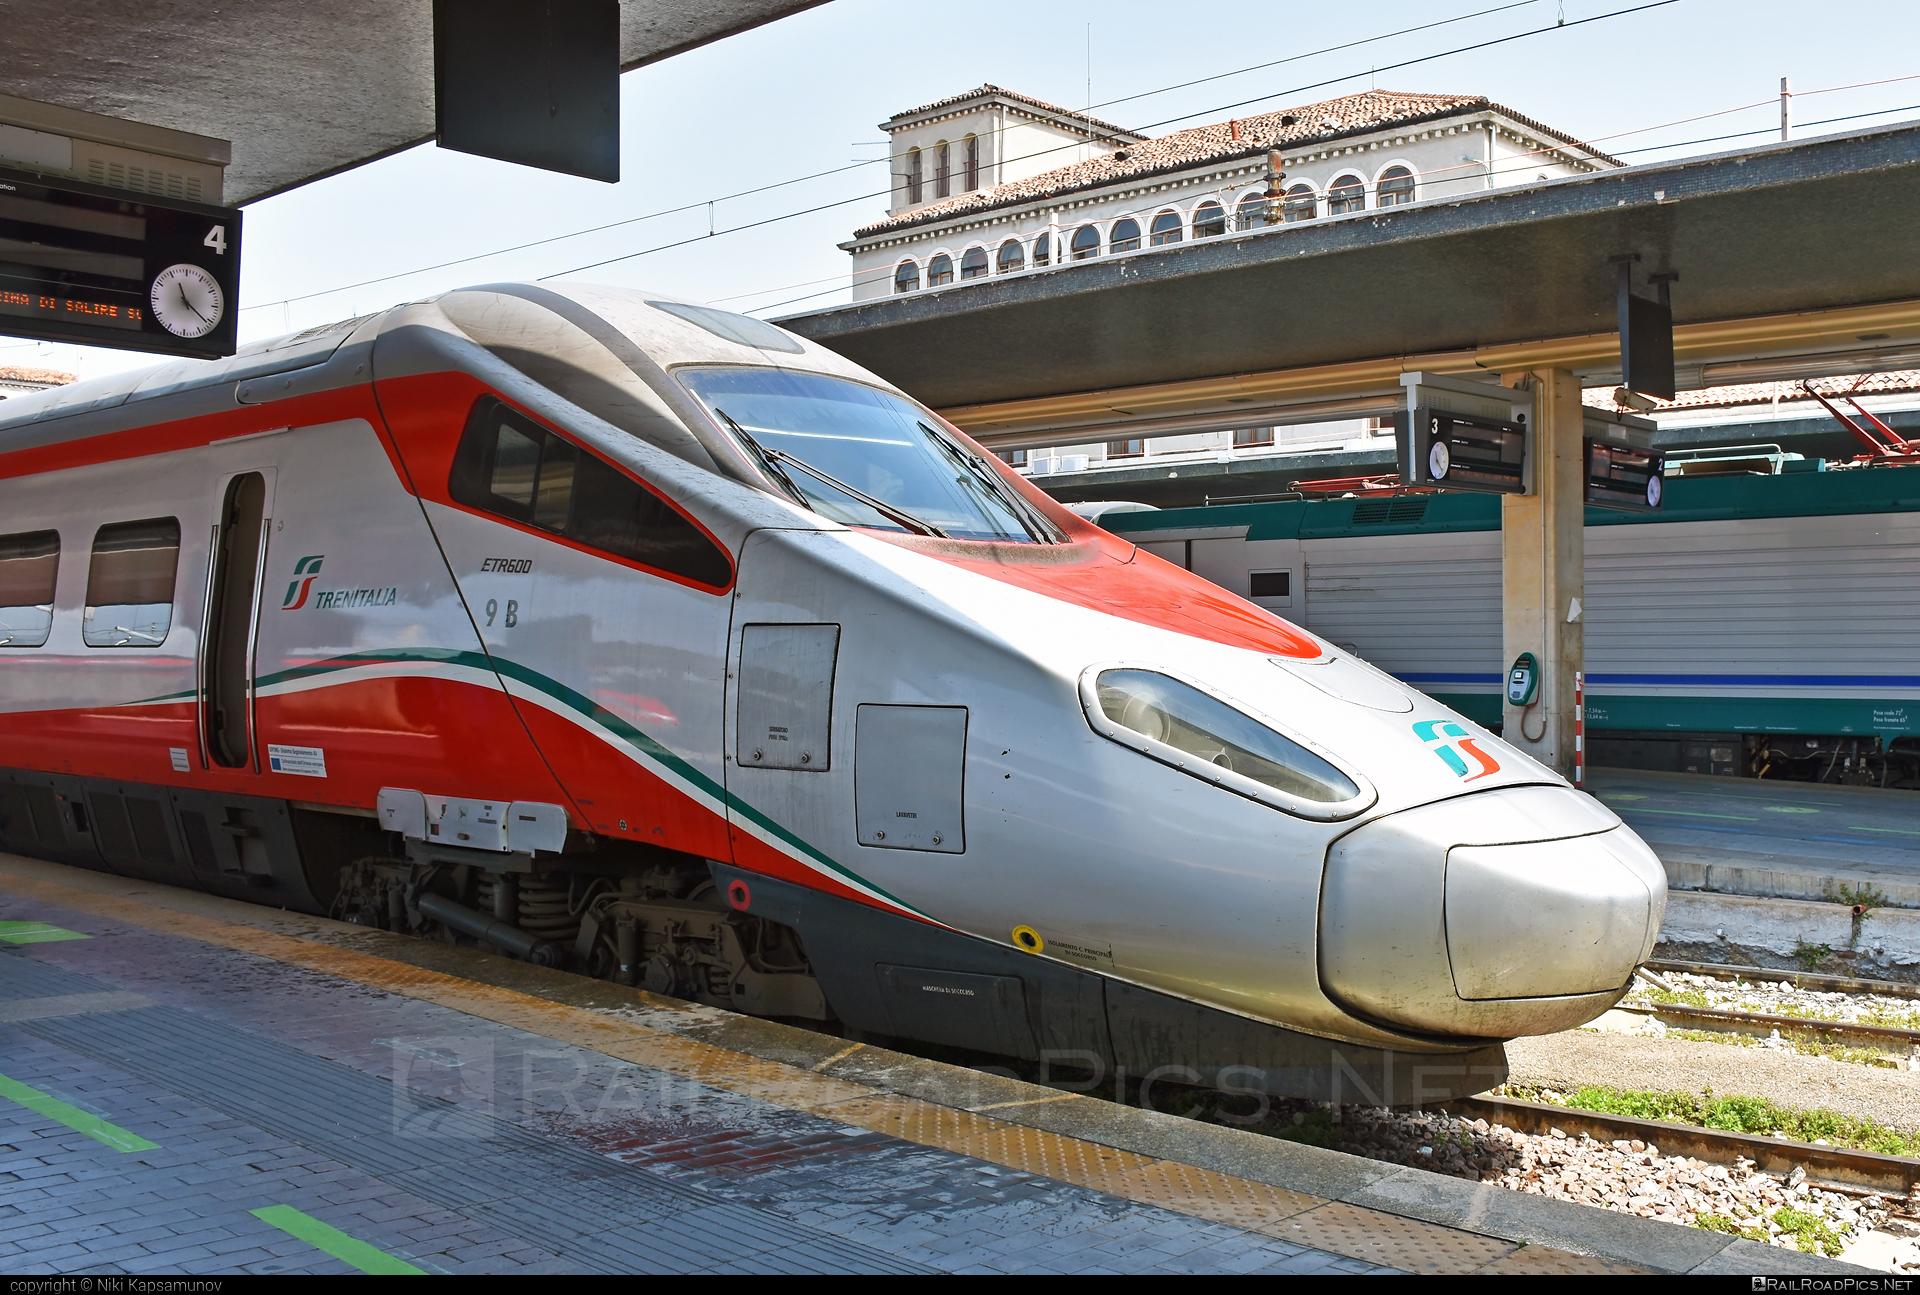 Alstom Class ETR.600 - 600 709-0 operated by Trenitalia S.p.A. #alstom #alstometr600 #etr600 #ferroviedellostato #frecciargento #fs #fsitaliane #lefrecce #newpendolino #pendolino #trenitalia #trenitaliaspa